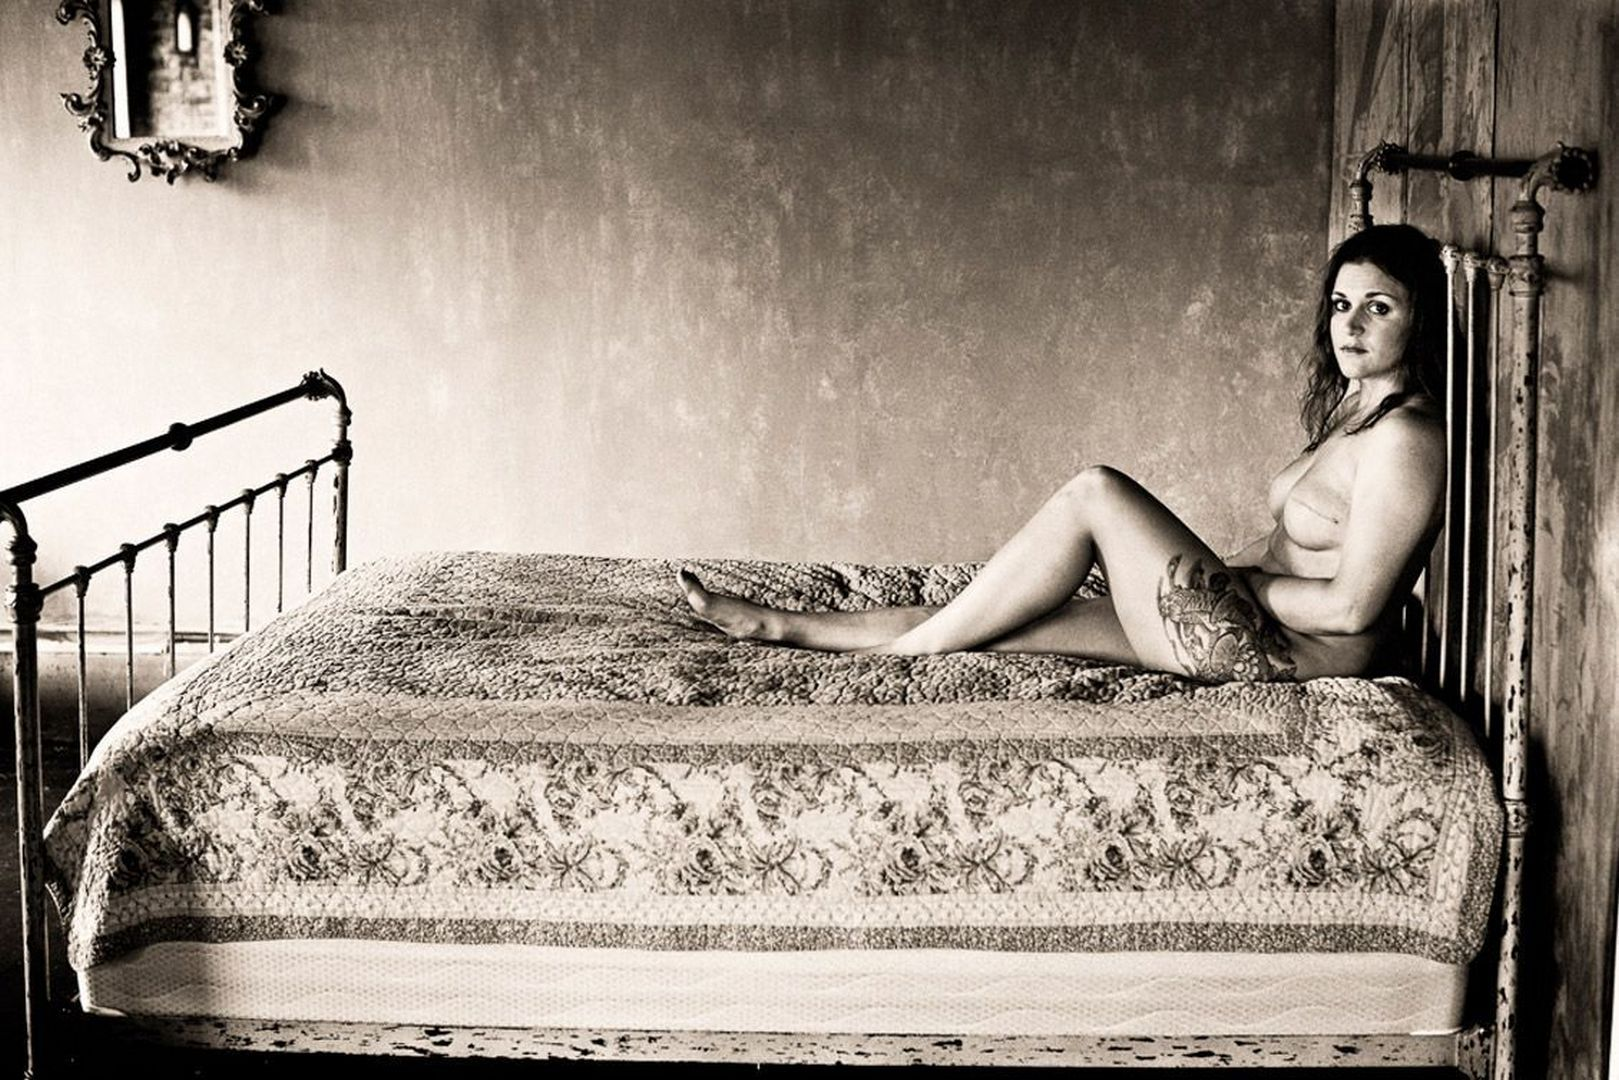 Фотогалерея женщины раком 17 фотография